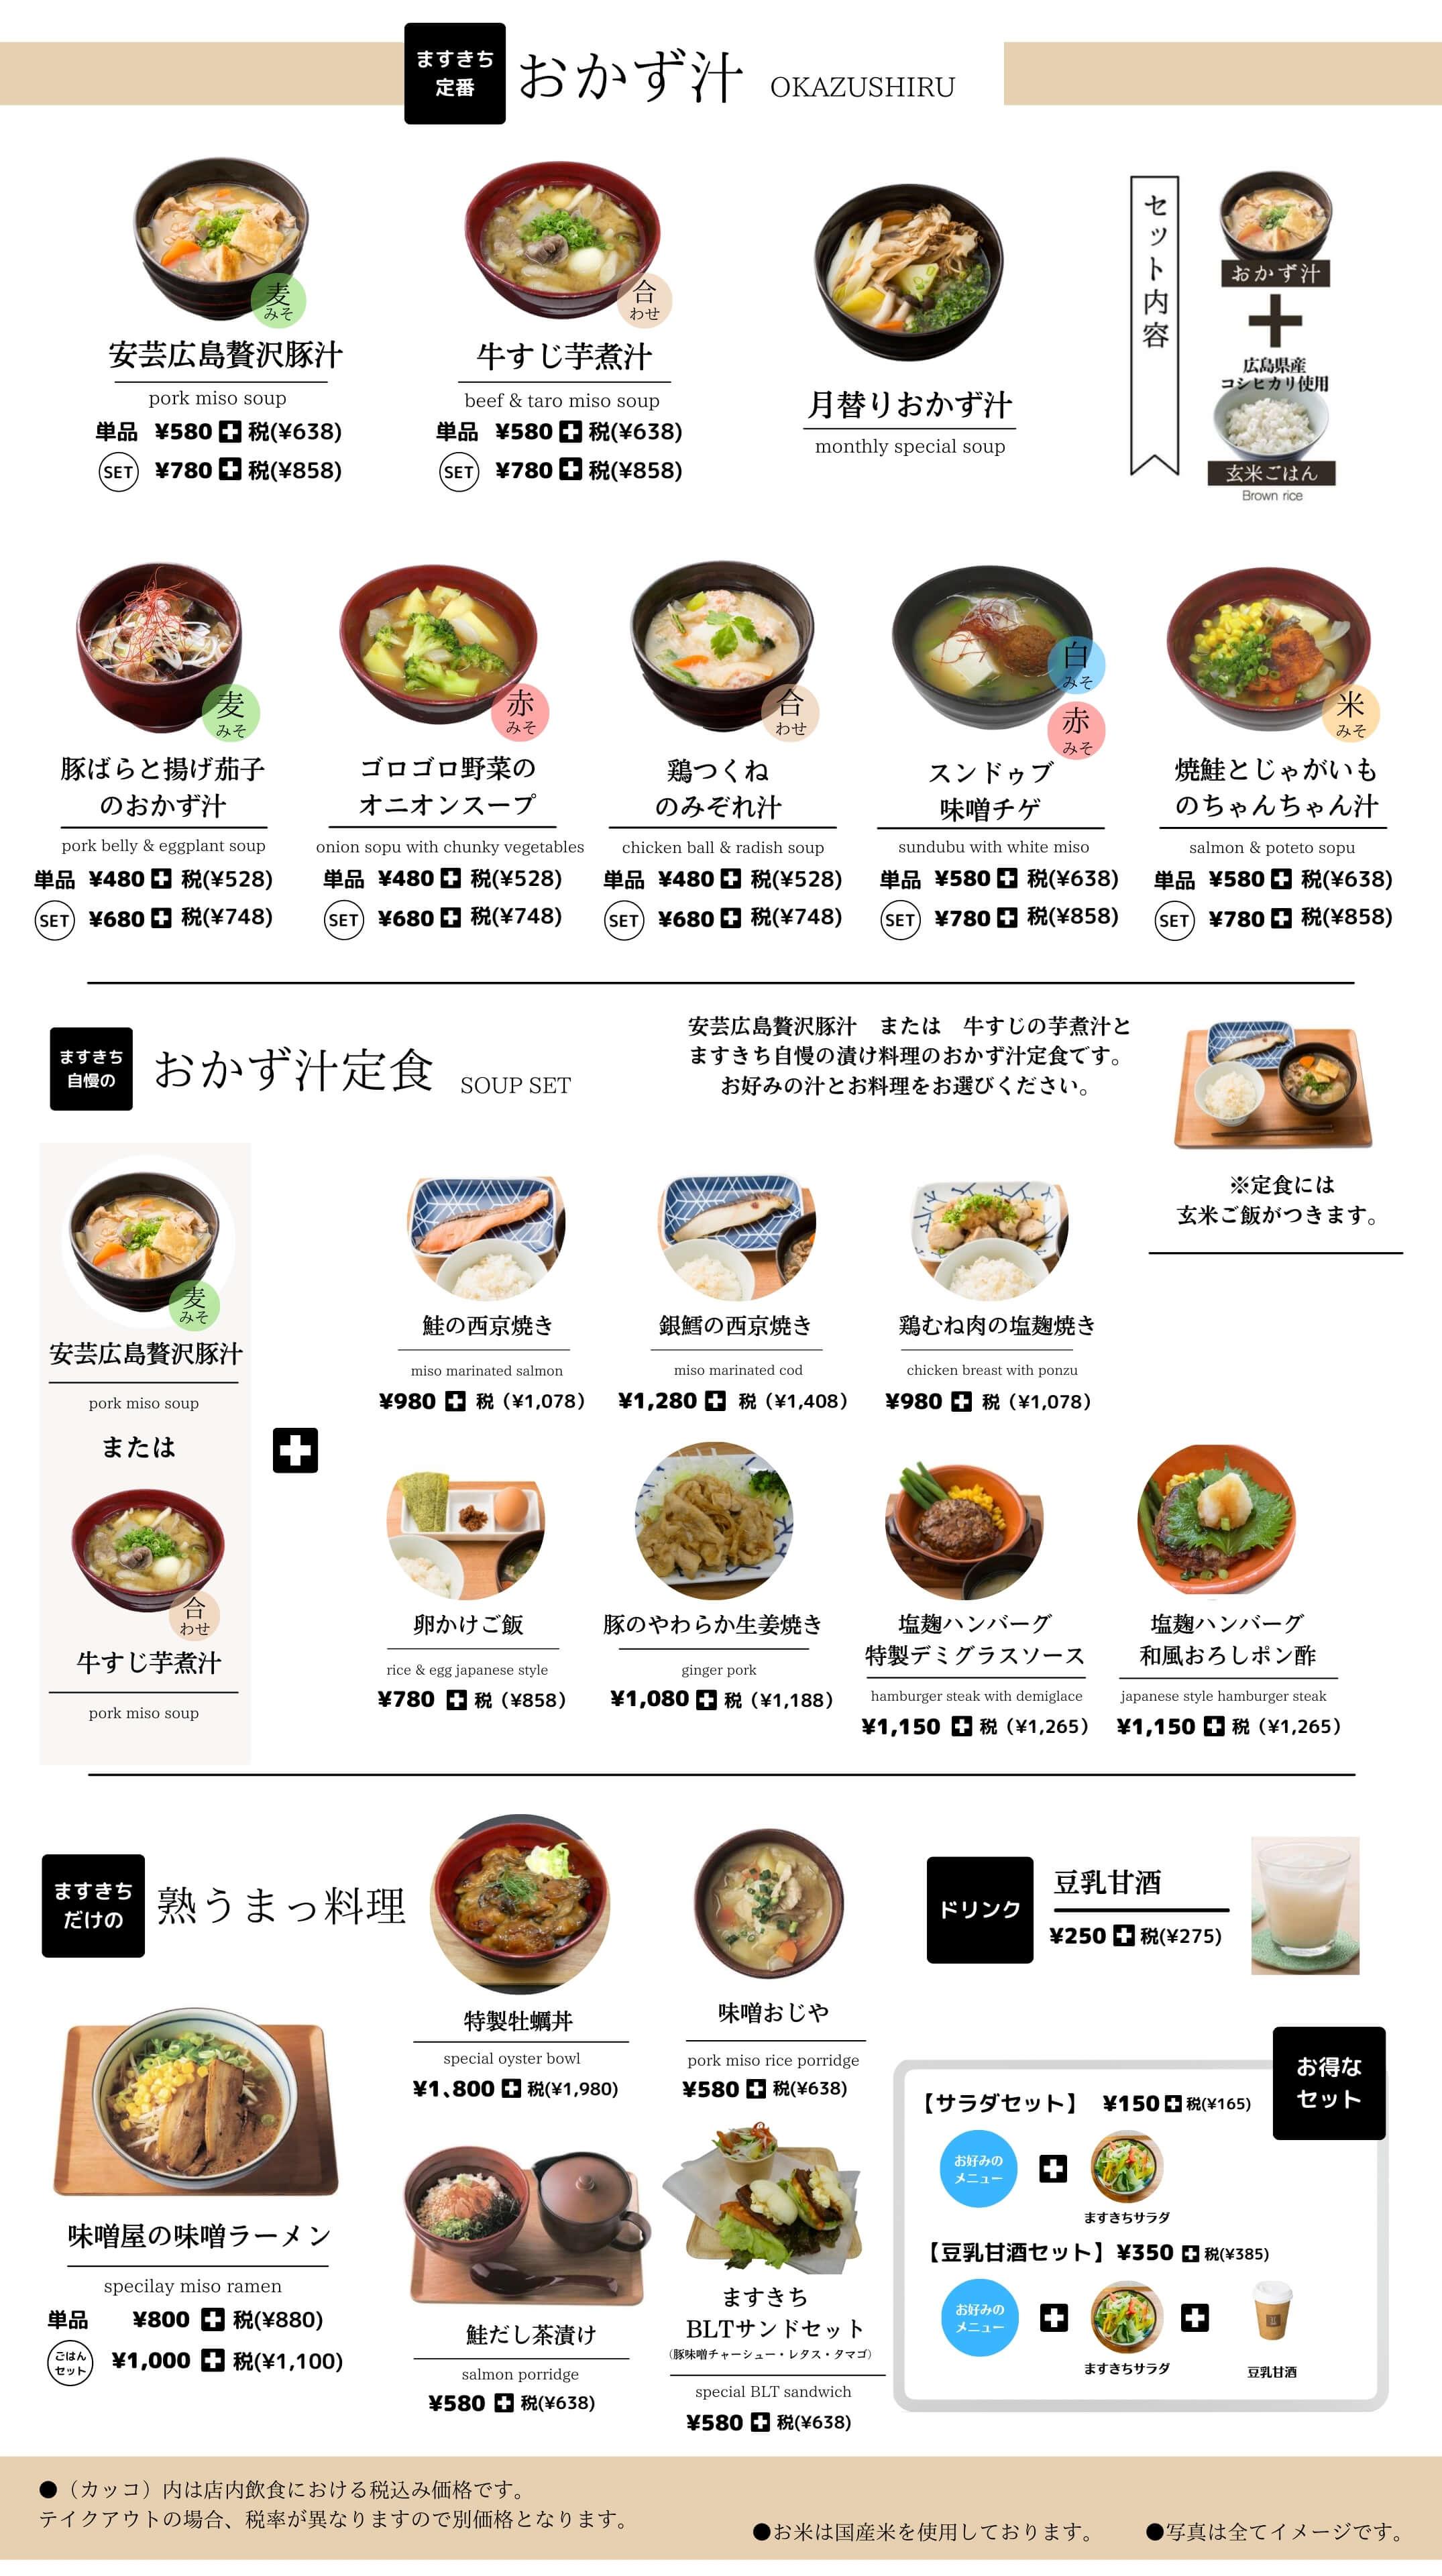 昼食・夕食・単品メニュー